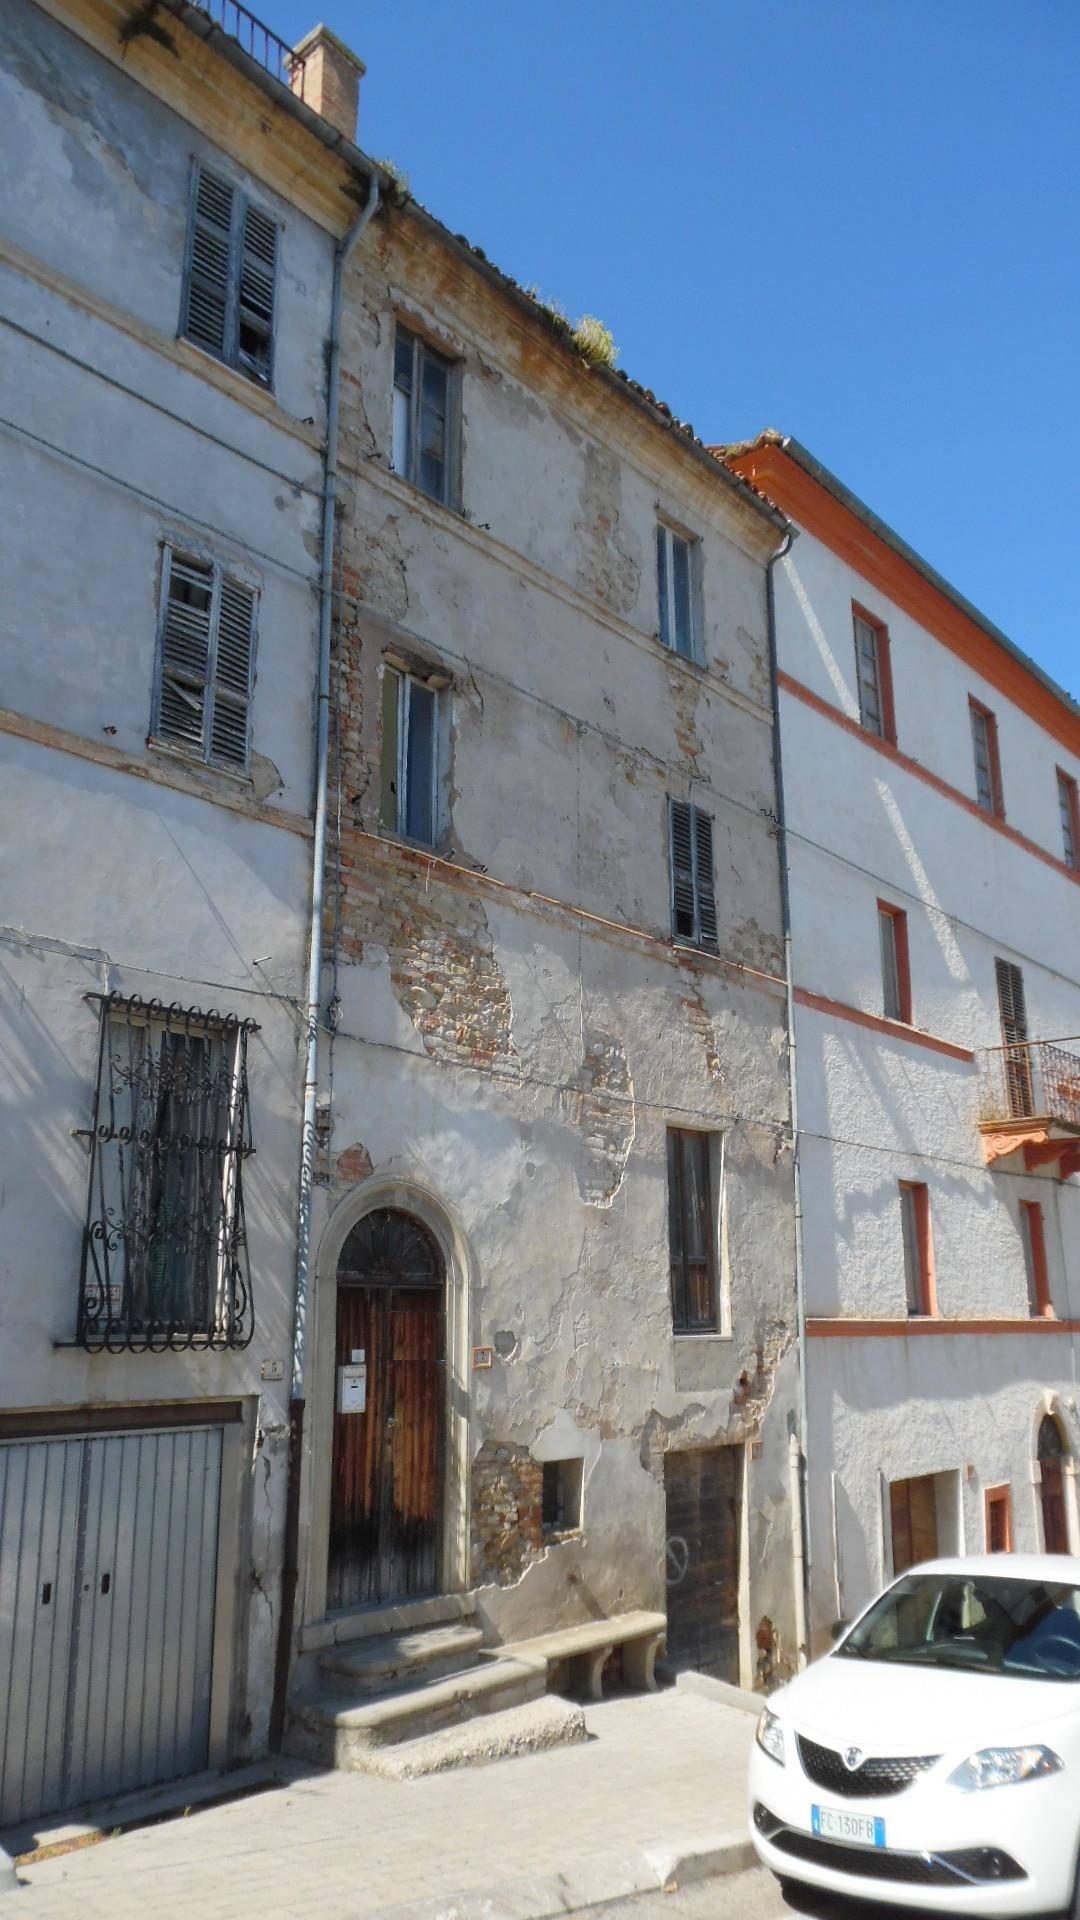 Appartamento in vendita a Monteprandone, 6 locali, prezzo € 60.000   CambioCasa.it